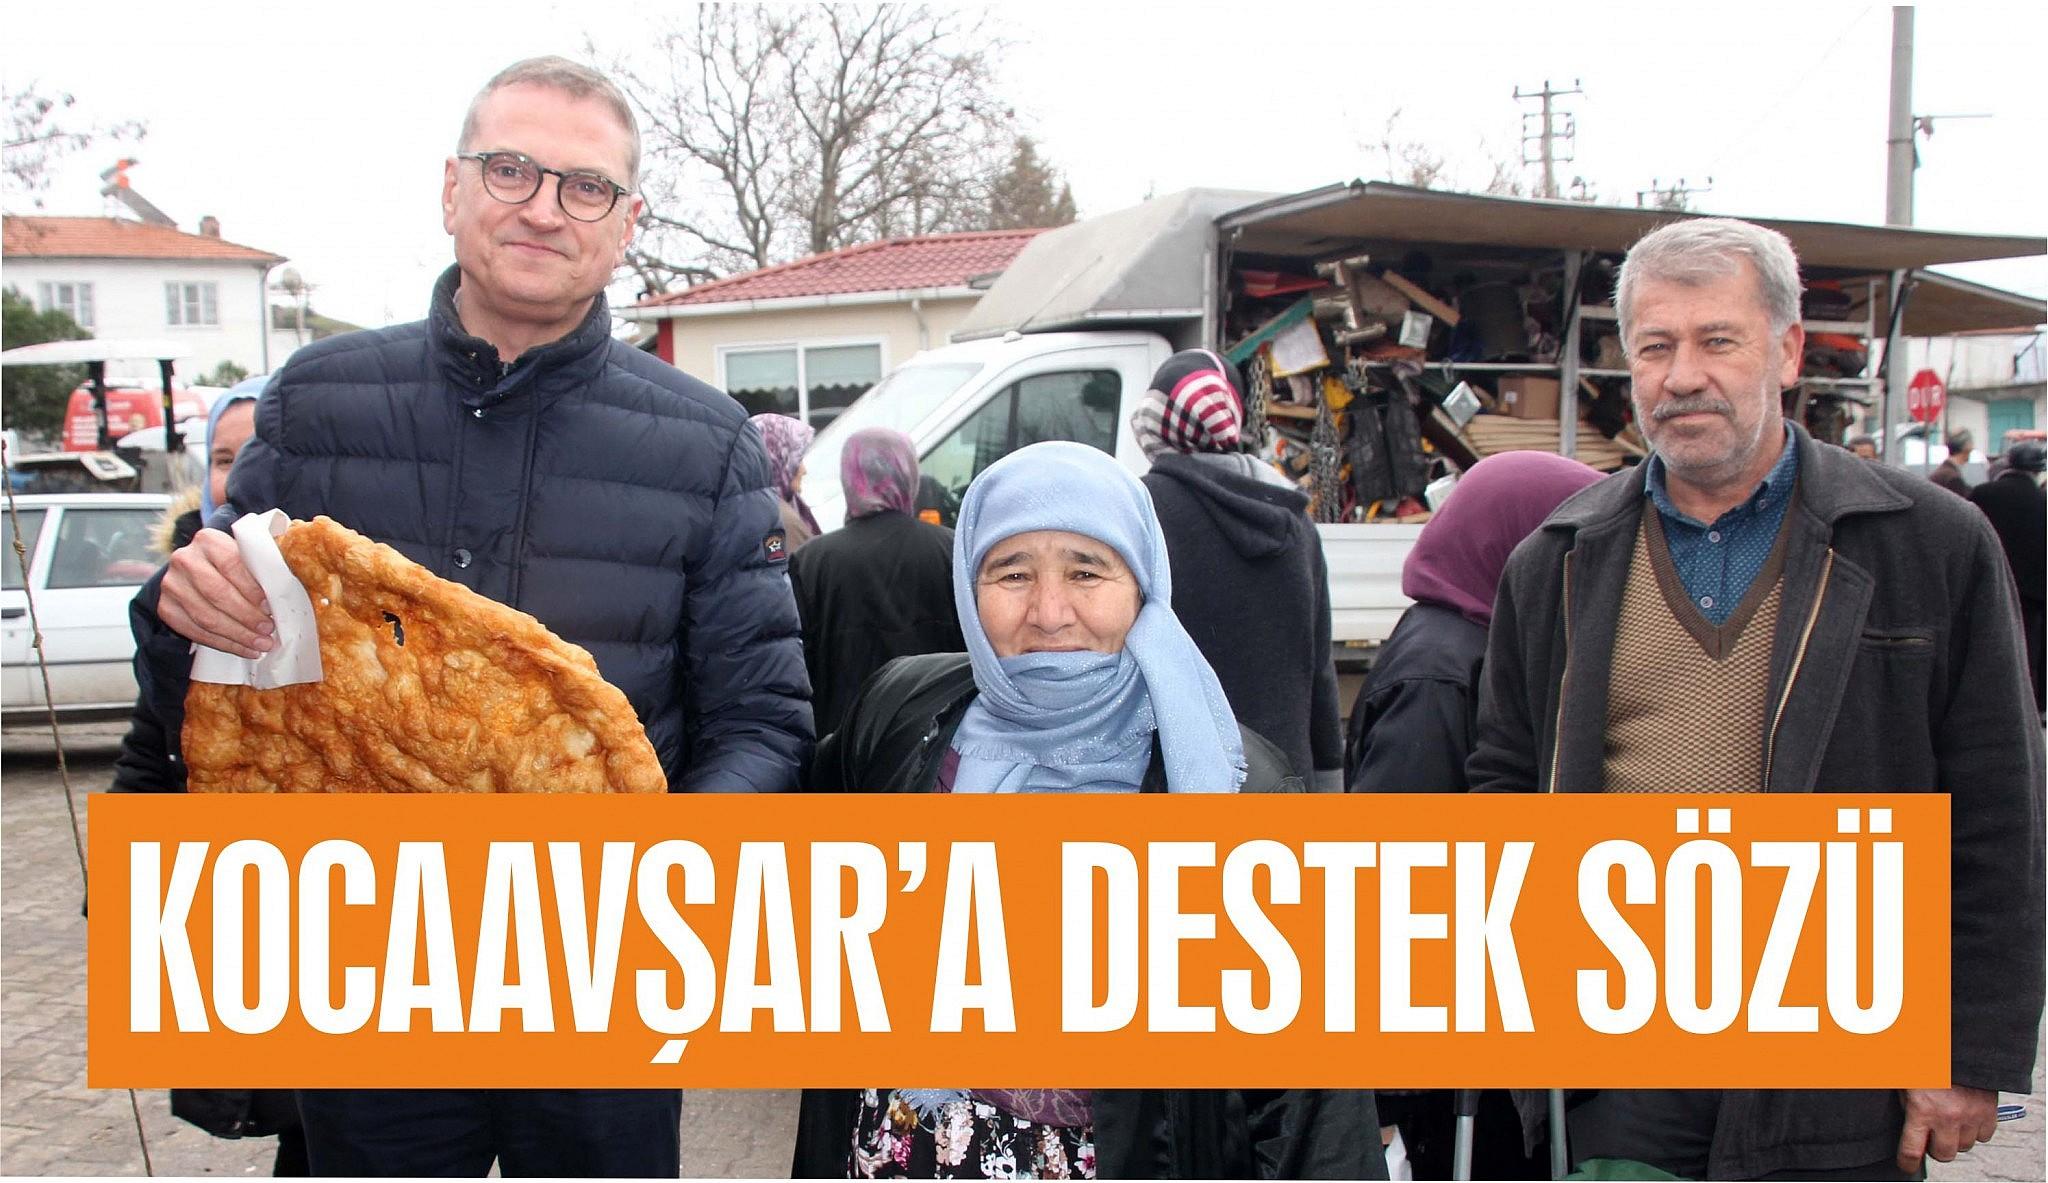 KOCAAVŞARLI'LARA DANIŞMA YÖNLENDİRME VE DESTEK HİZMETİ SÖZÜ